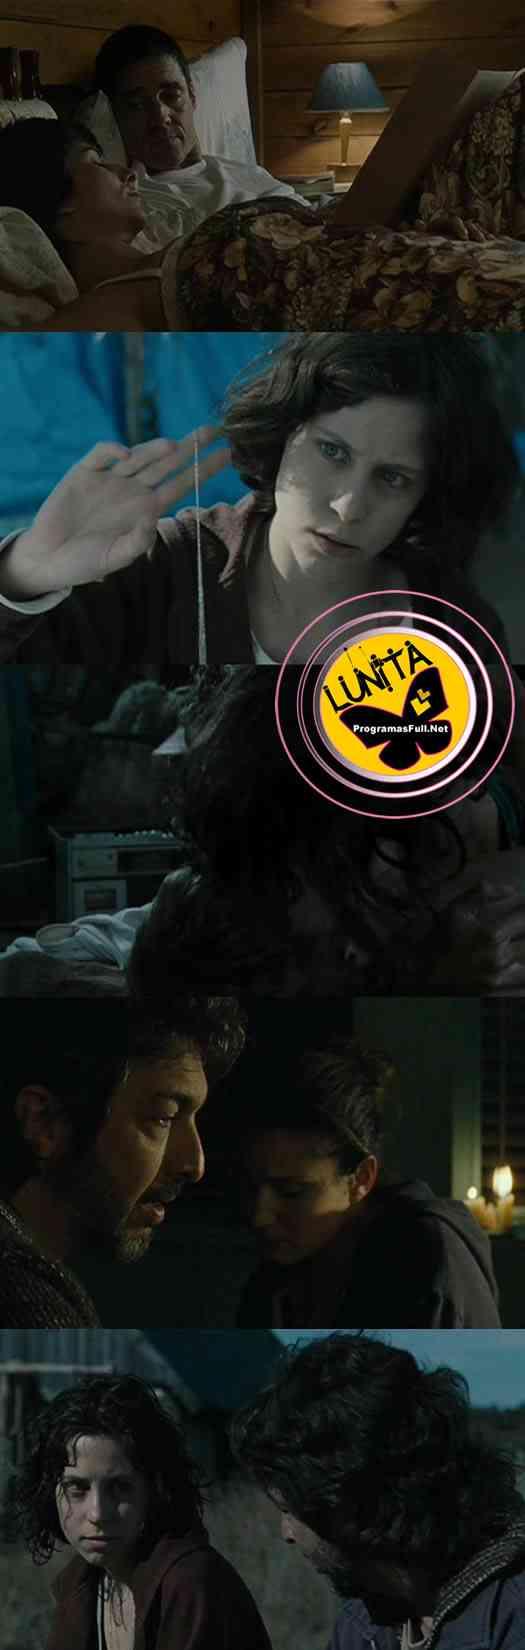 Xxy DVDRip Argentina